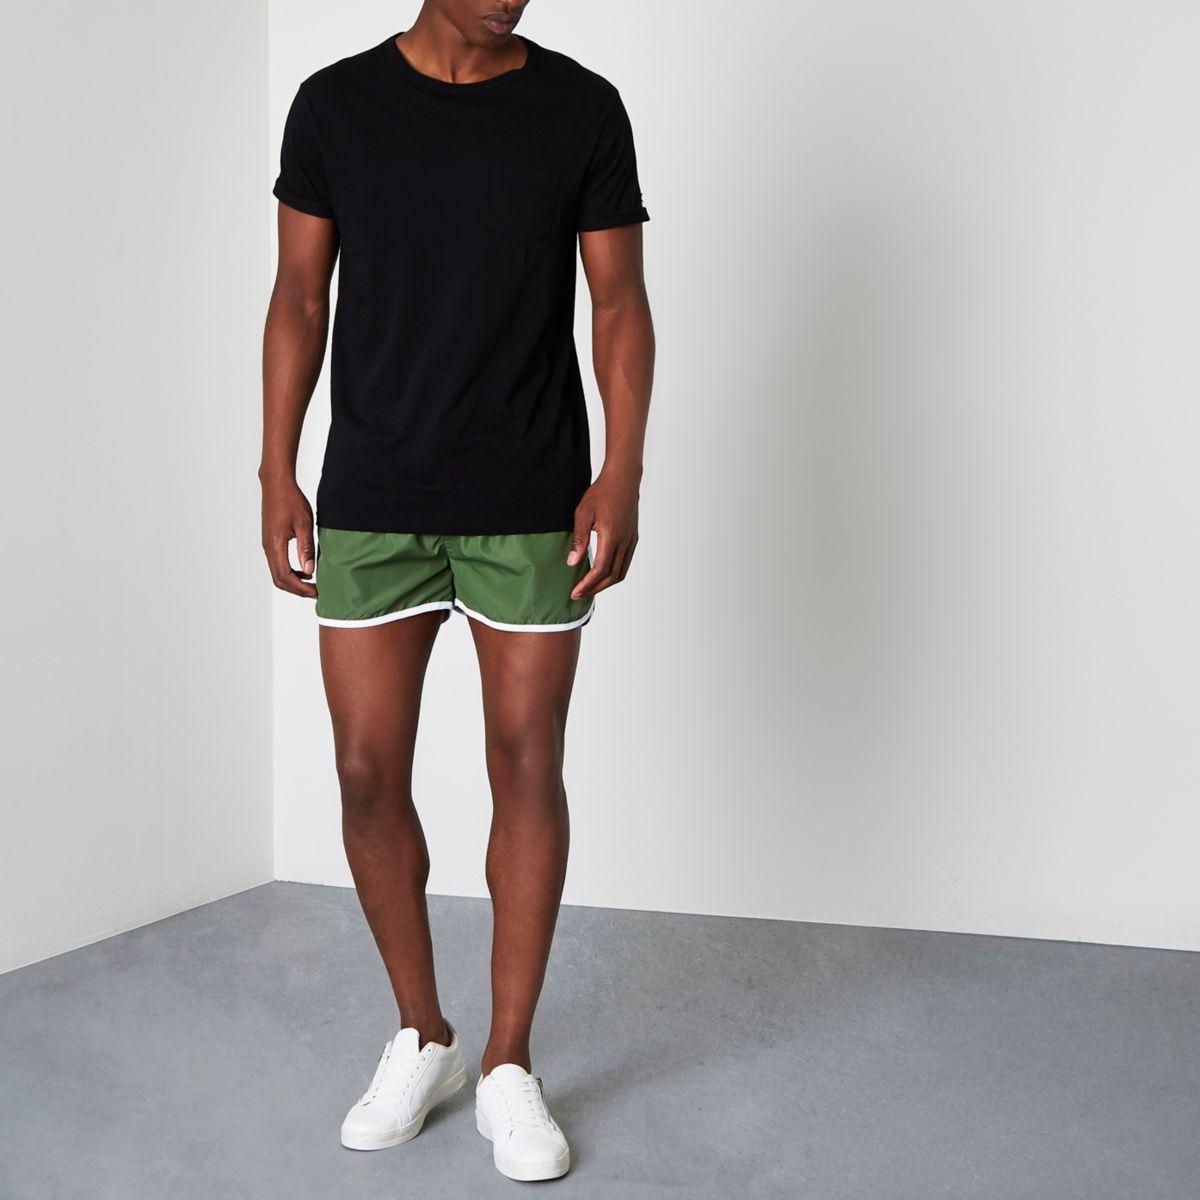 Green runner swim shorts